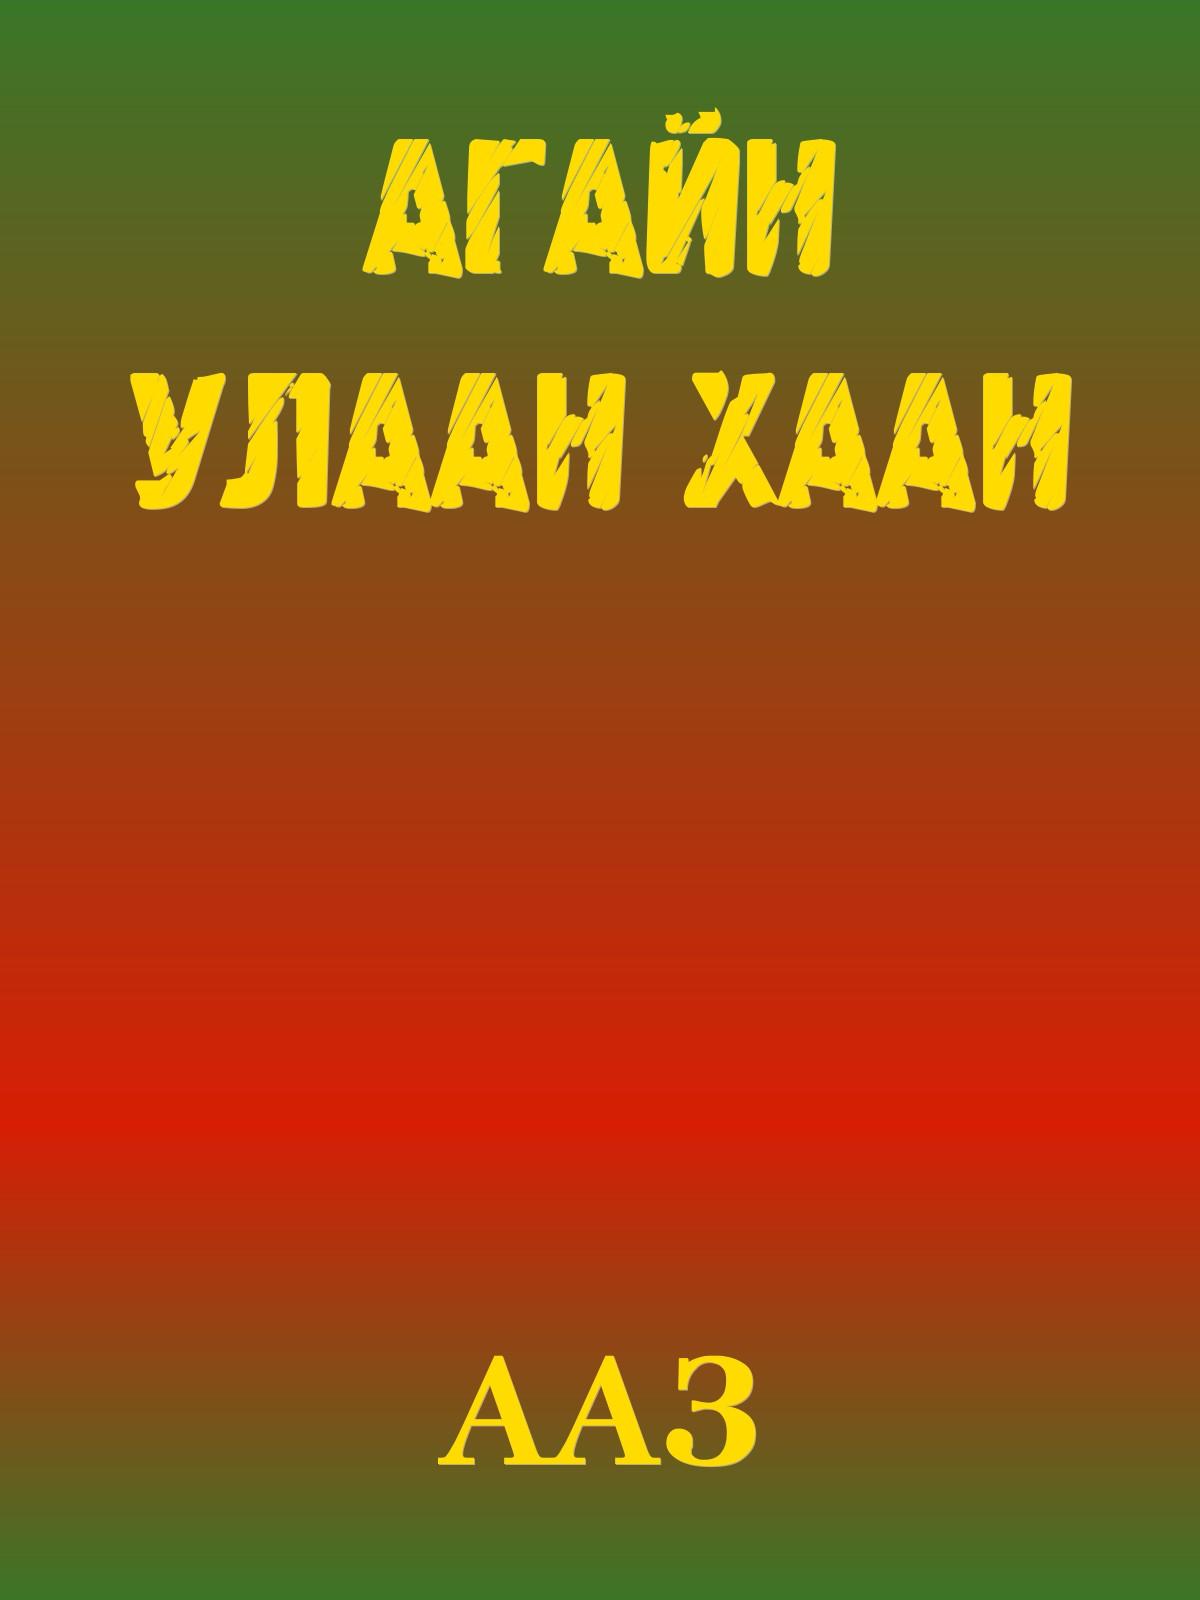 АГАЙН УЛААН ХААН